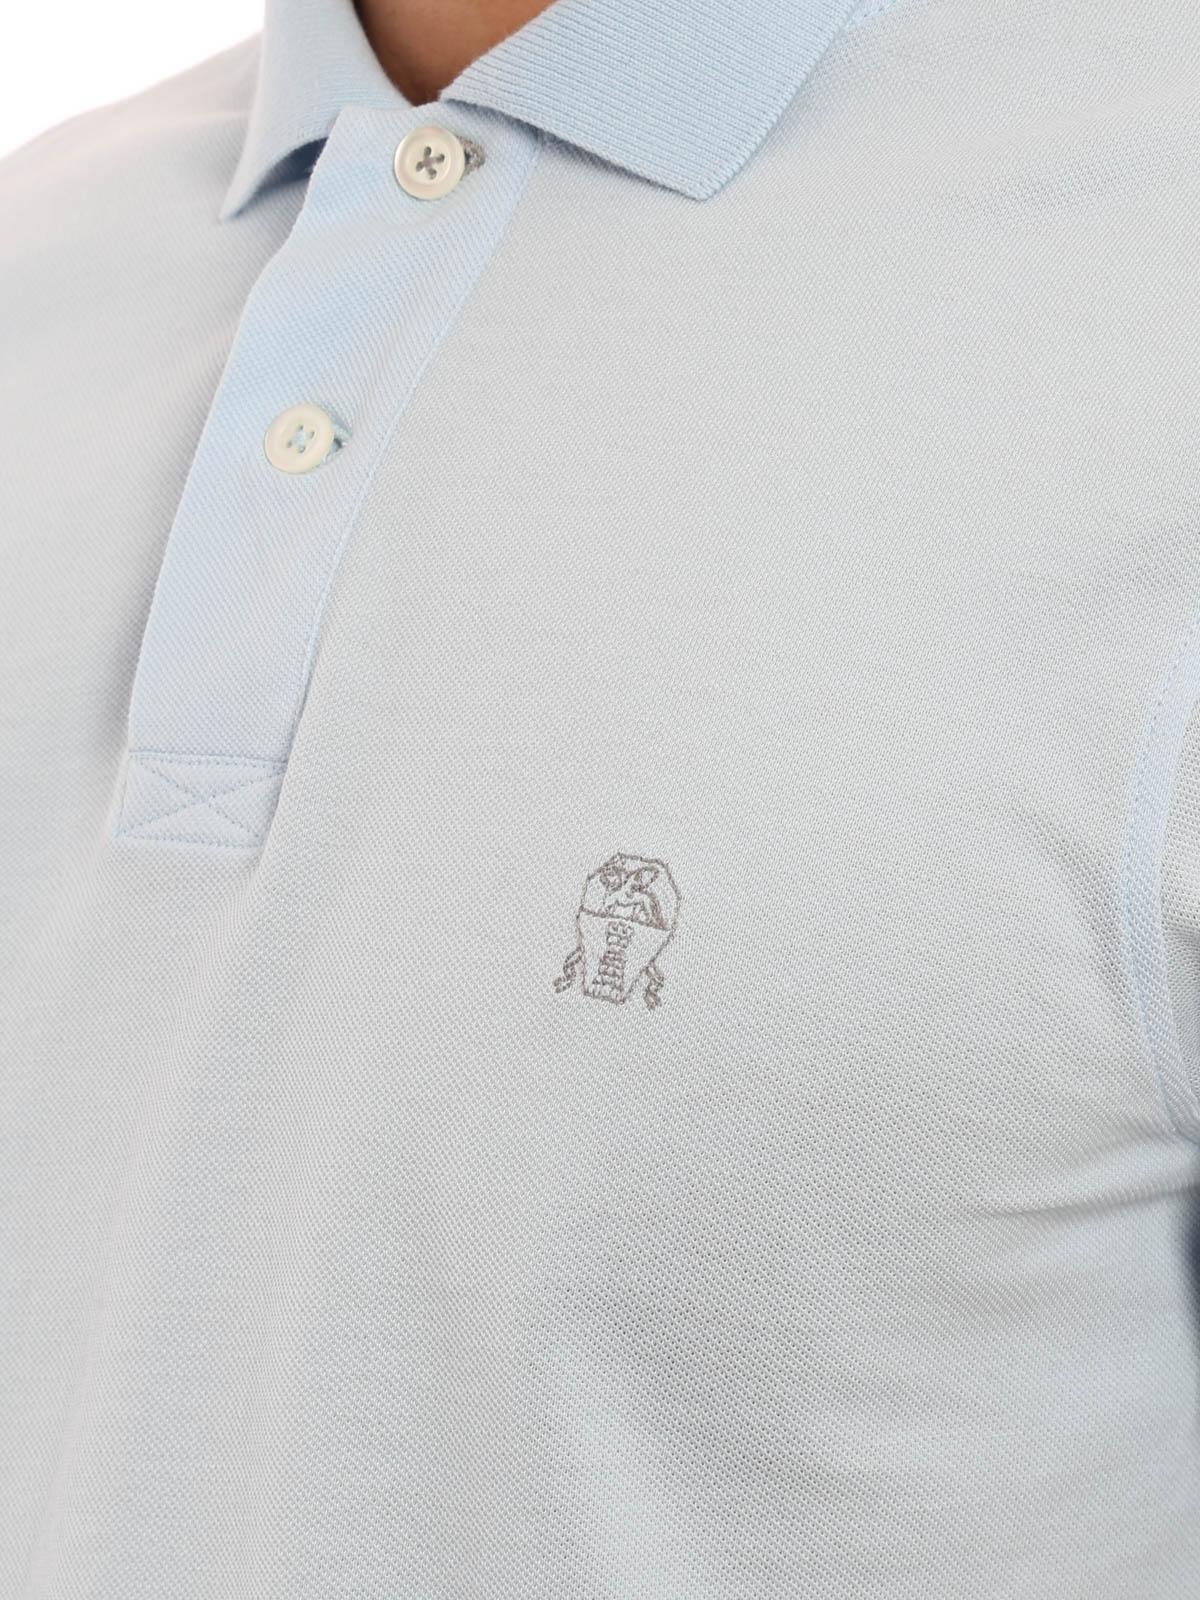 best service 32e3f fa890 Brunello Cucinelli - Embroided logo piquet polo - polo ...